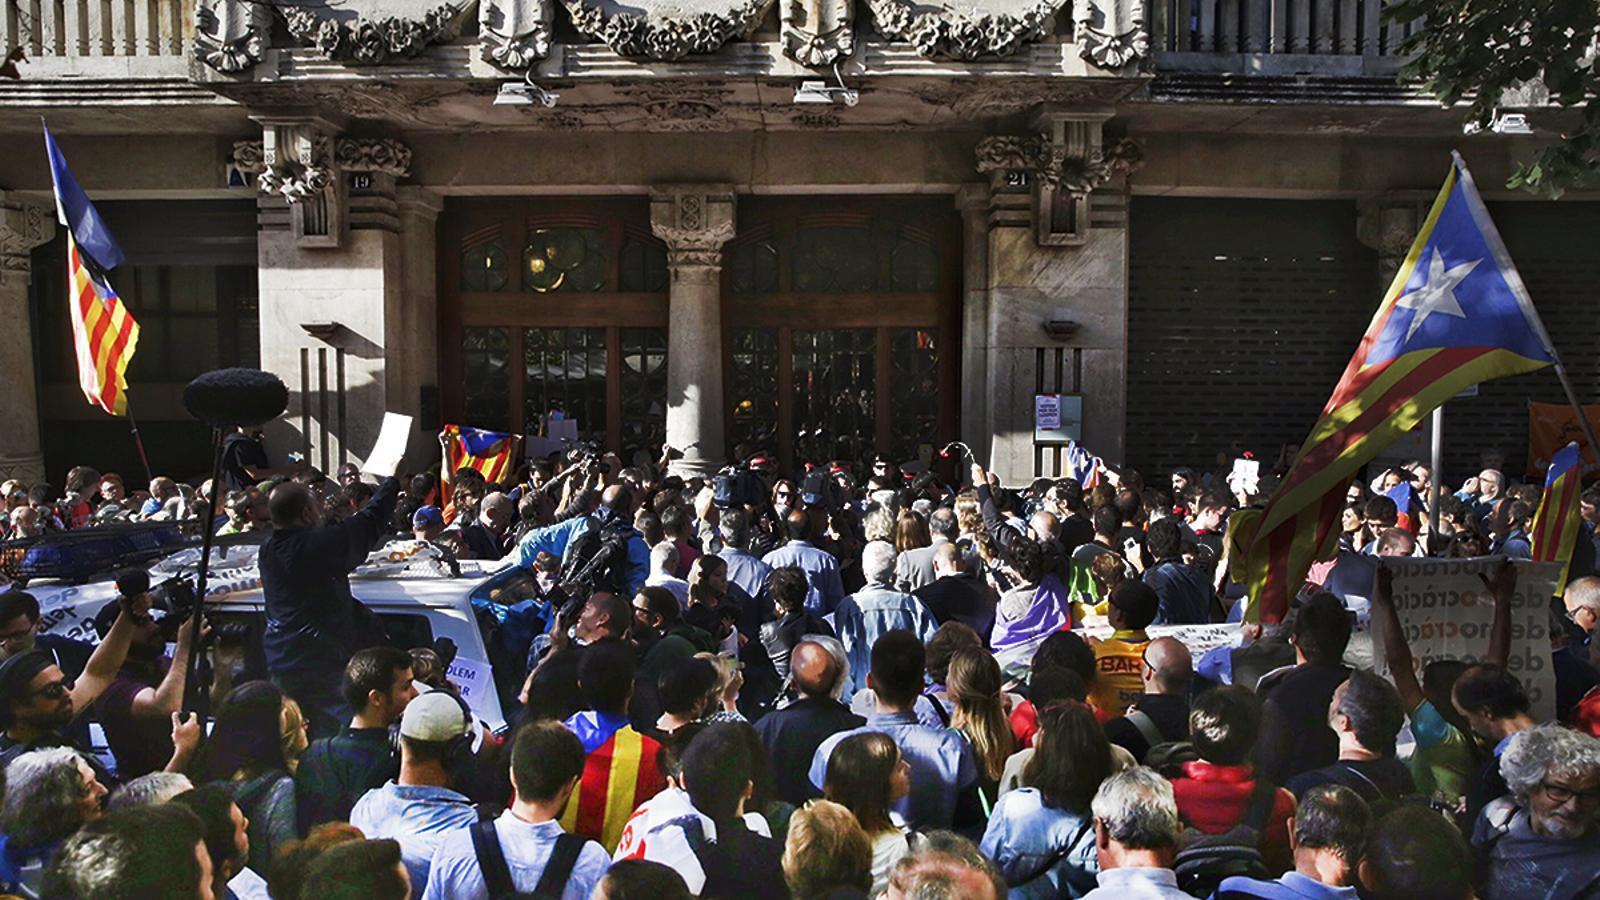 Concentració espontània de ciutadans davant de la conselleria d'Economia durant l'operació de la Guàrdia Civil contra l'1-O